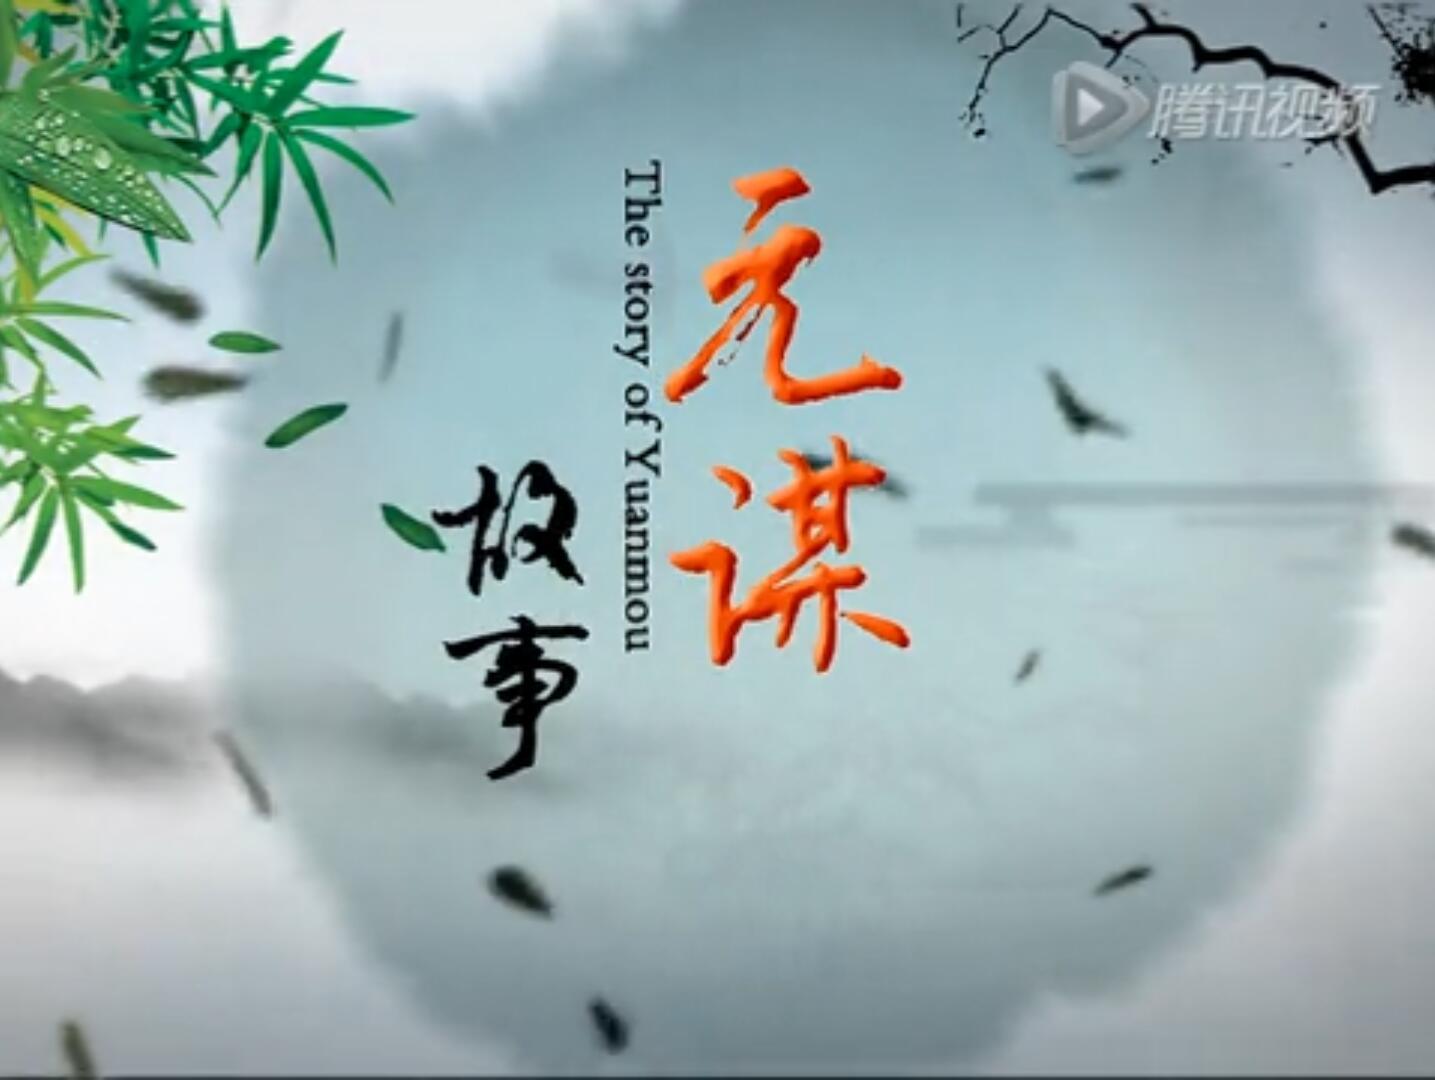 【元谋故事第五期】华丰村的变迁